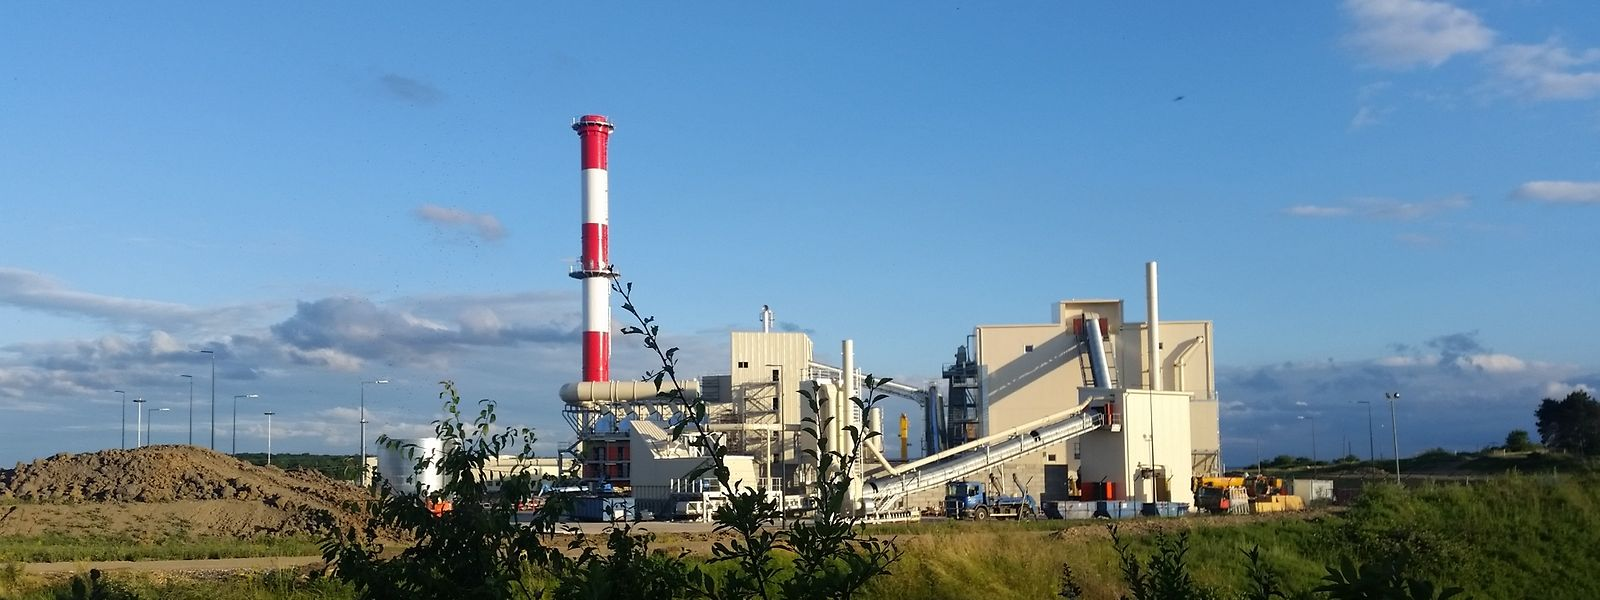 L'usine sera officiellement inaugurée le 22 octobre prochain.